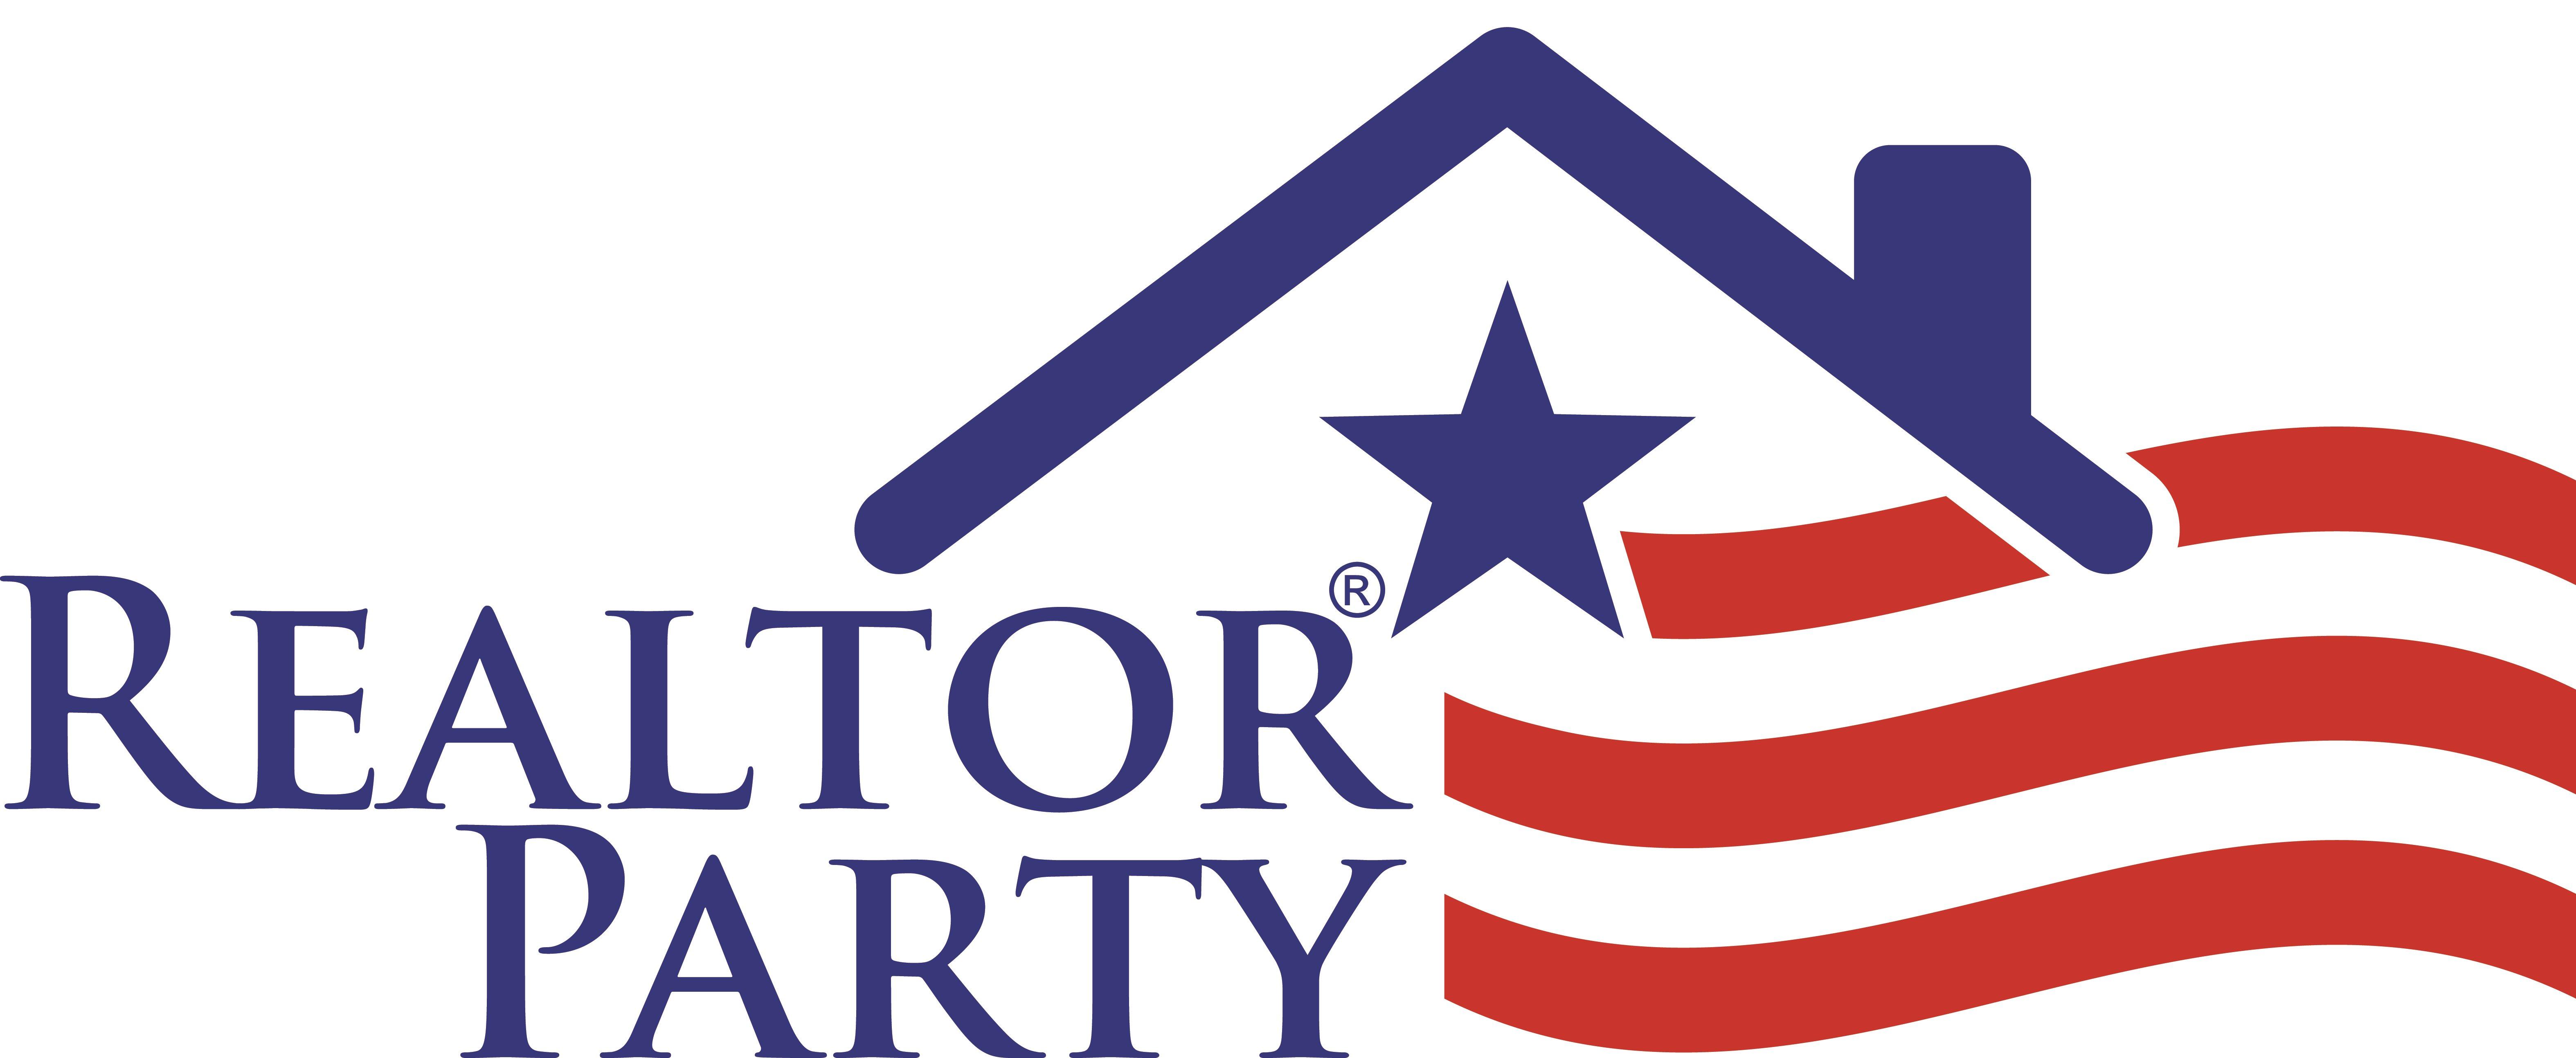 RealtorParty-Logo.jpg